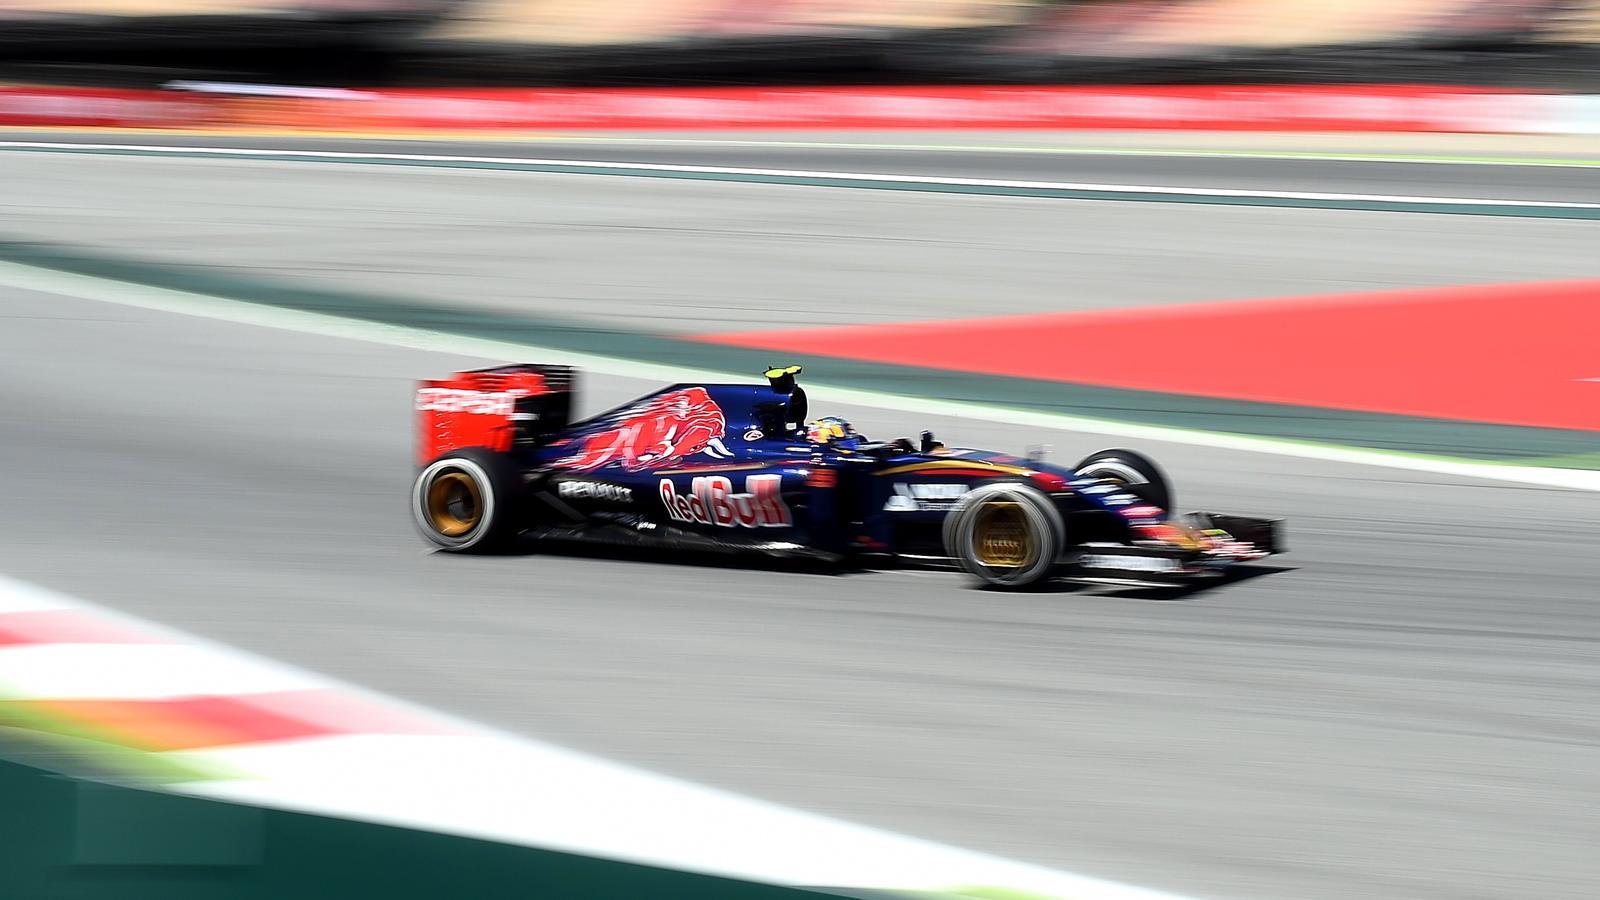 Spécial Sebastian Vettel (Formule un) - Page 18 1505697-32111108-1600-900